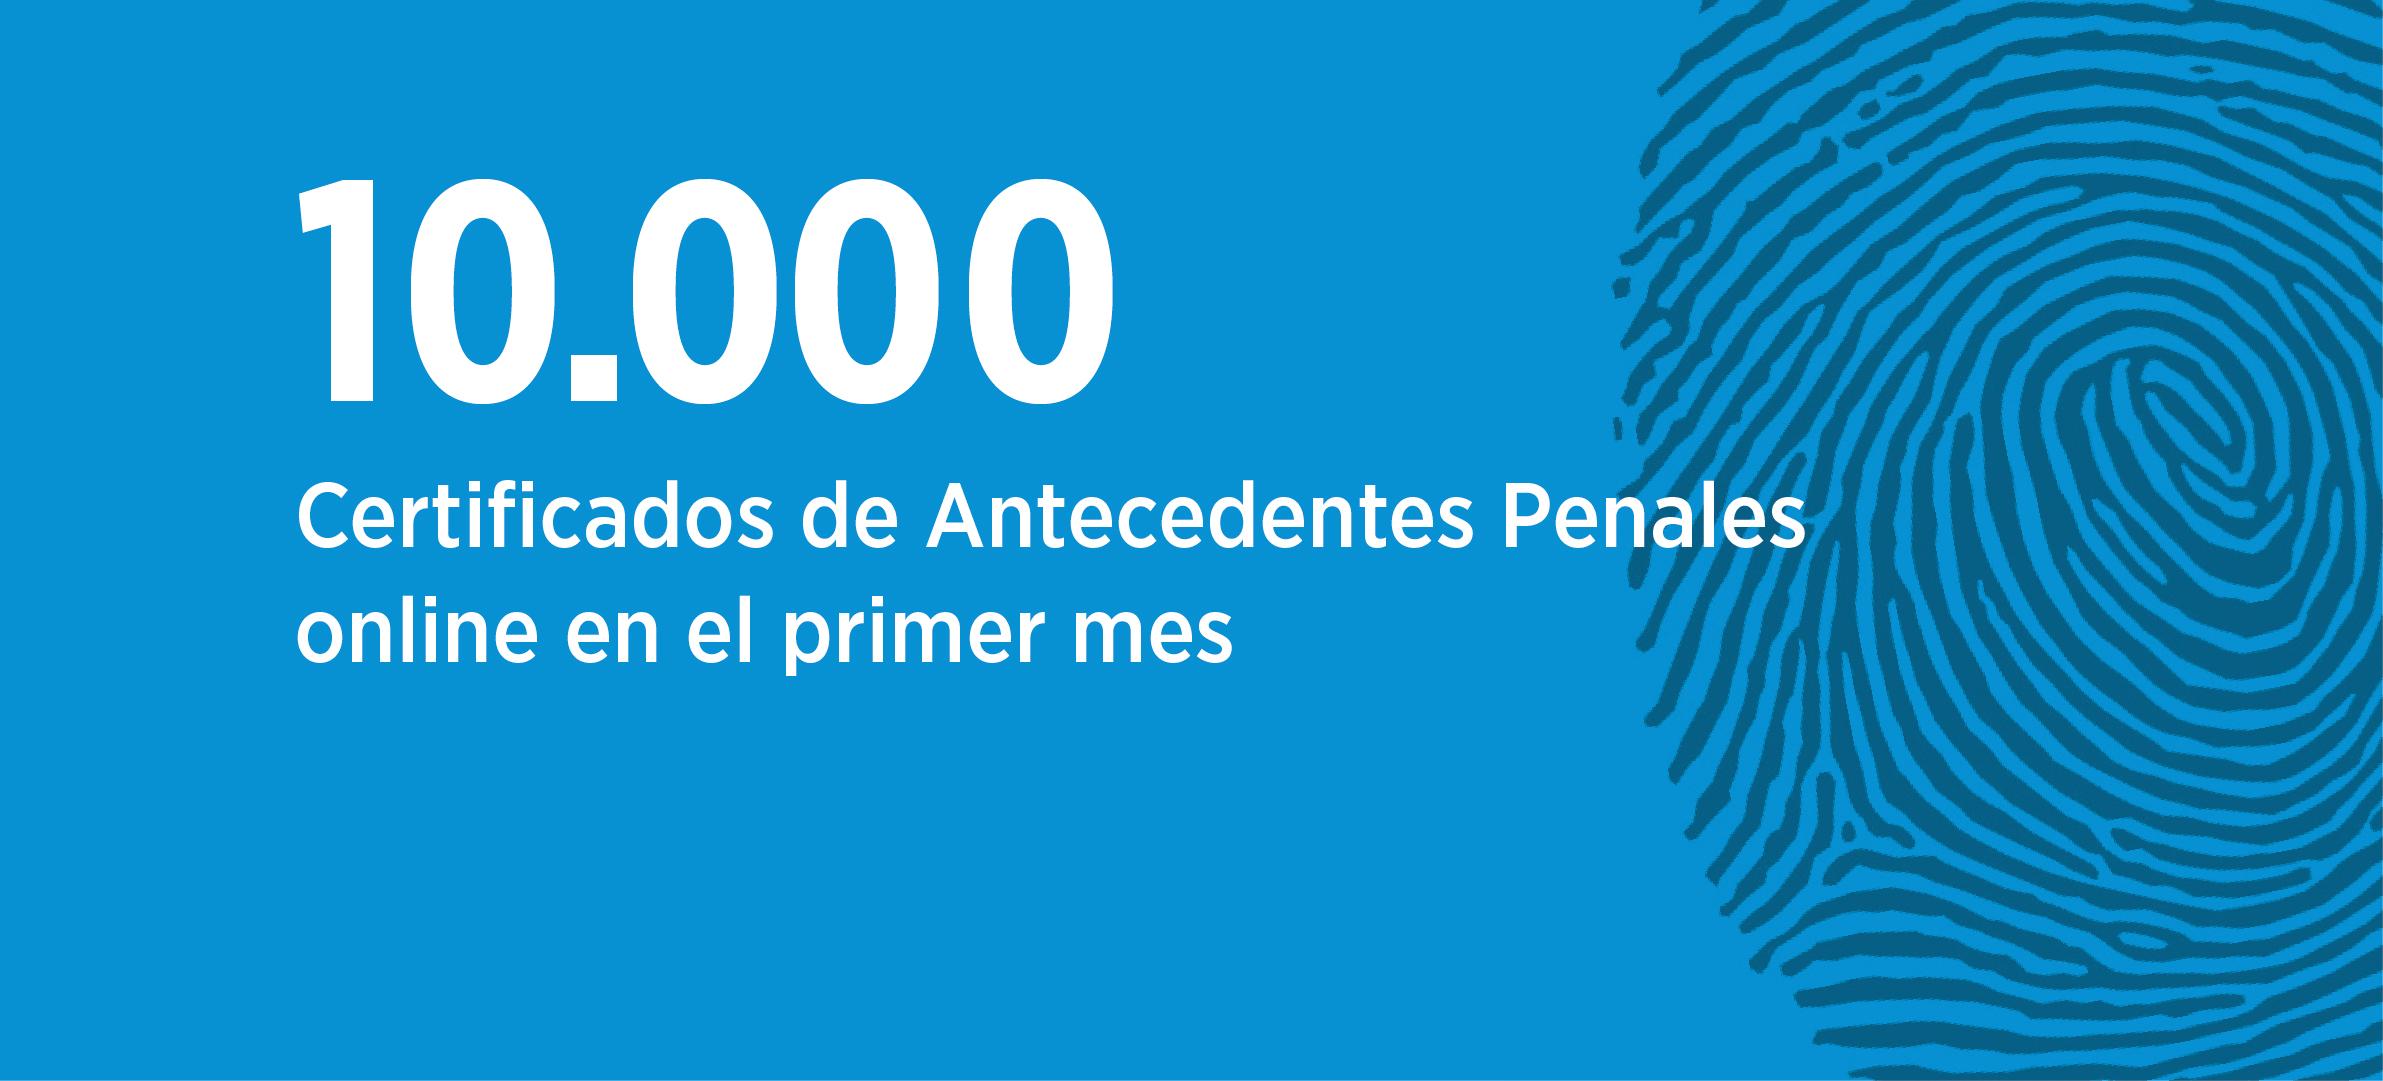 Trámite online: se realizaron 10.000 certificados de antecedentes en un mes